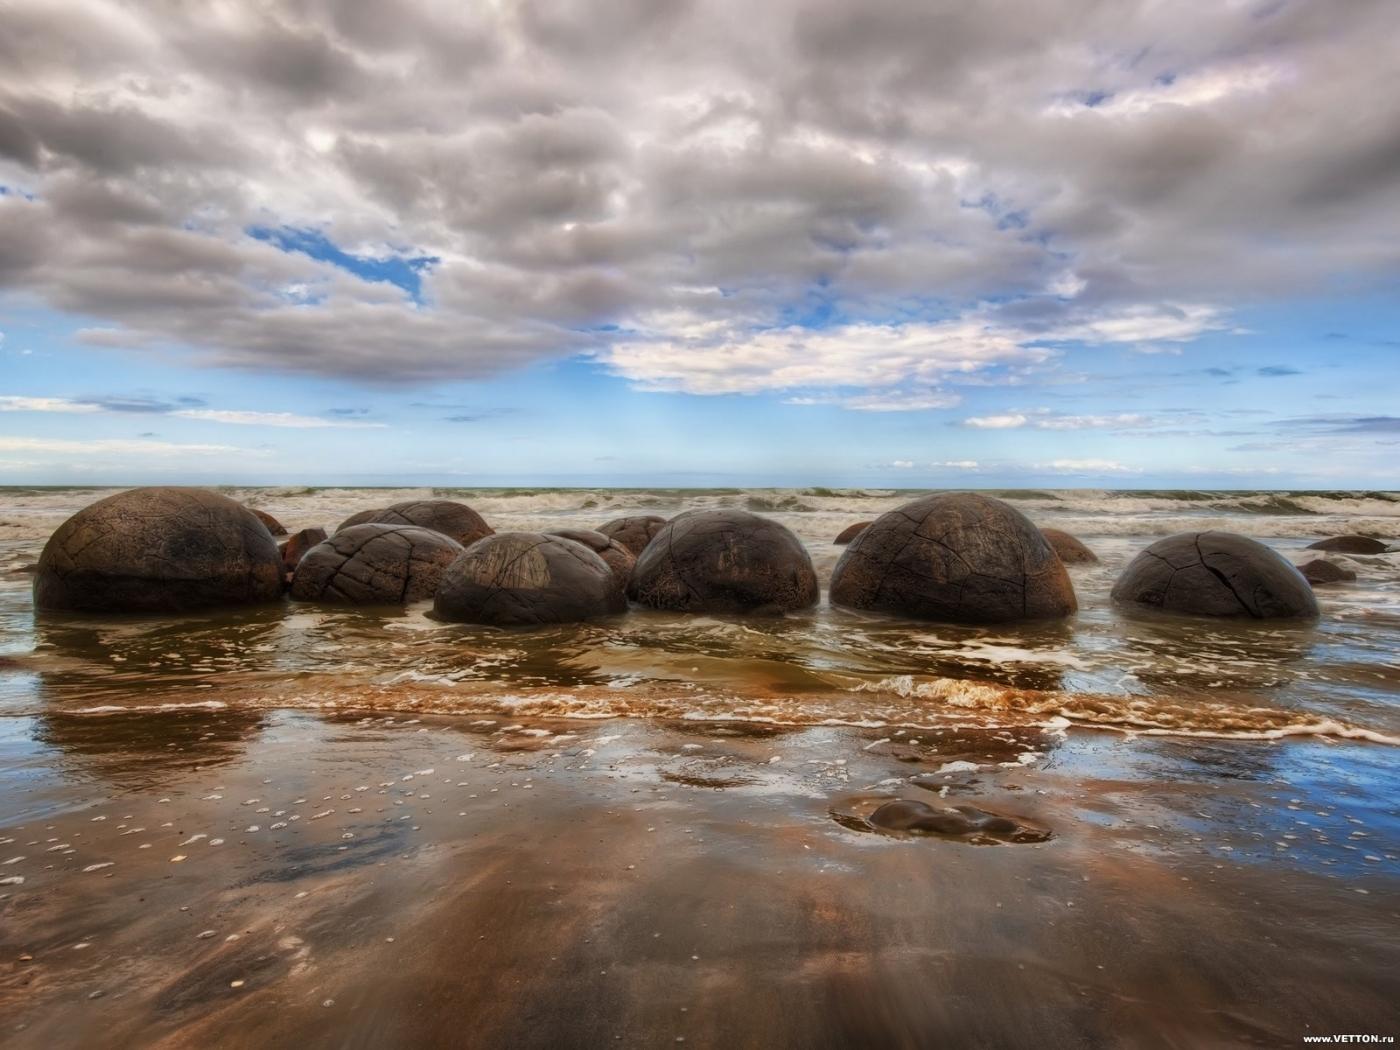 28733 скачать обои Пейзаж, Камни, Море - заставки и картинки бесплатно